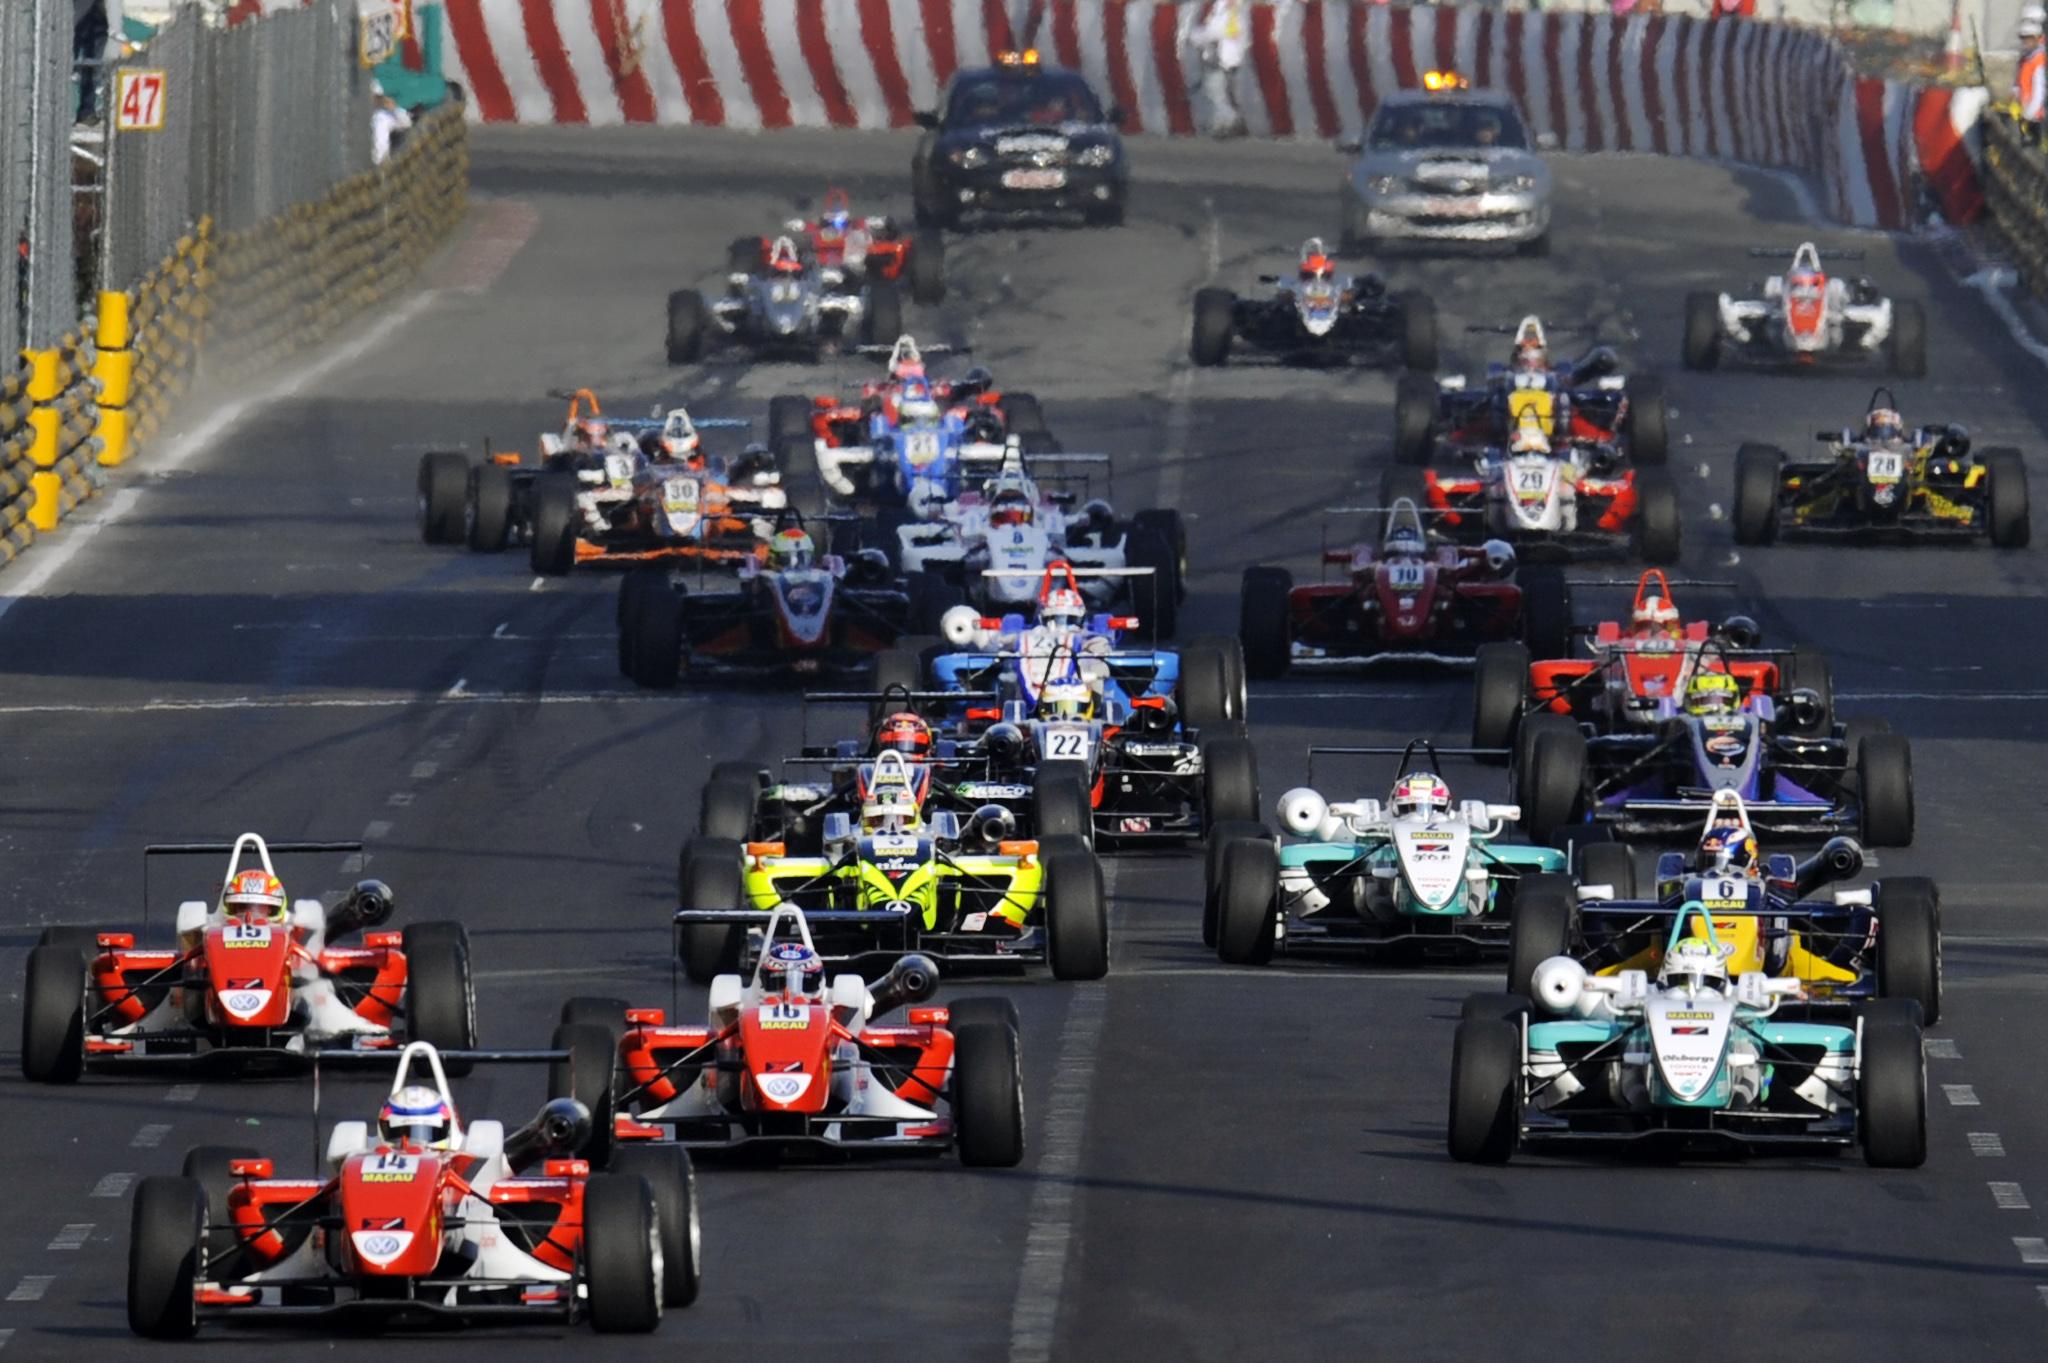 Gran Premio de Macao: La joya de Asia